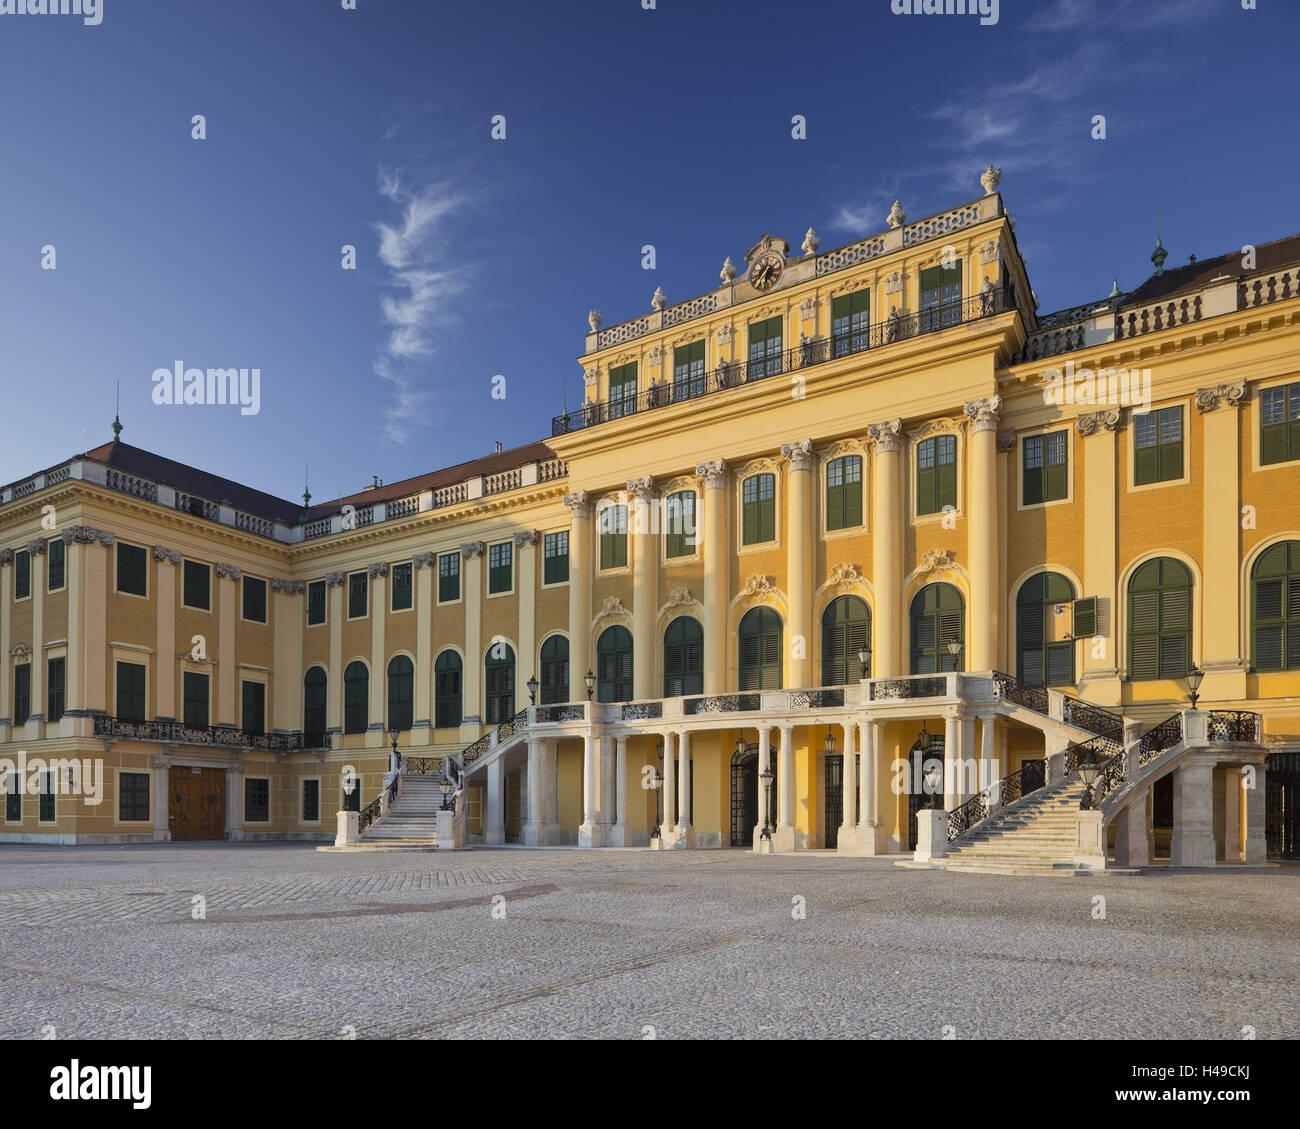 Austria, Vienna, 13th district, Hietzing, castle Schönbrunn, - Stock Image